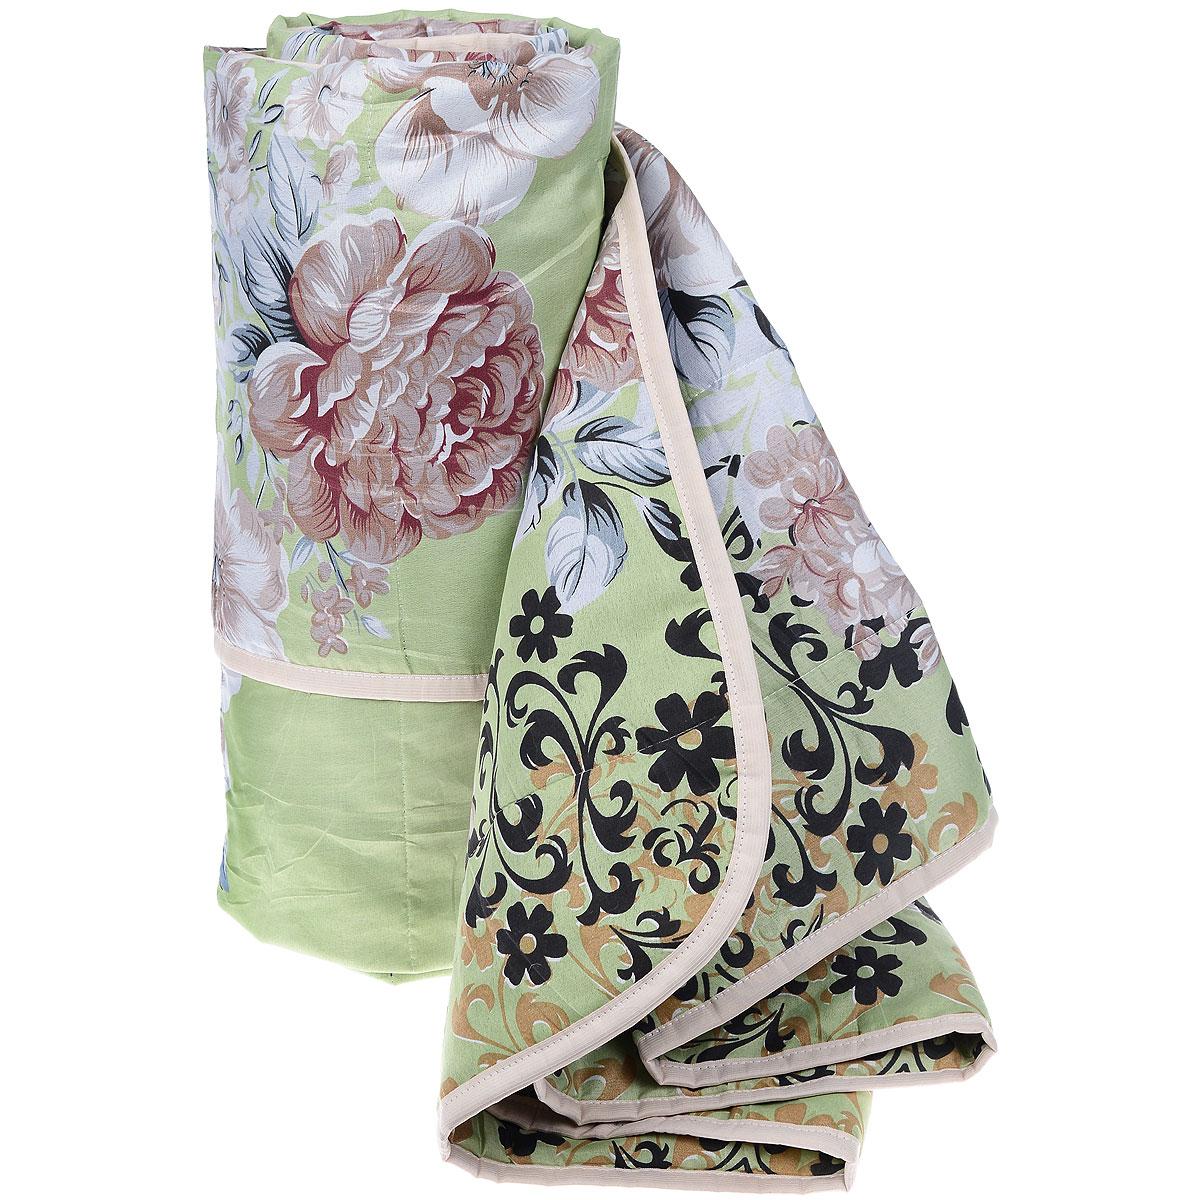 Одеяло летнее OL-Tex Miotex, наполнитель: холфитекс, цвет: зеленый, коричневый, 200 х 220 см МХПЭ-22-1МХПЭ-22-1_зеленый, коричневые цветыЛегкое летнее одеяло OL-Tex Miotex создаст комфорт и уют во время сна. Чехол выполнен из полиэстера и оформлен красочным цветочным рисунком. Внутри - современный наполнитель из полиэфирного высокосиликонизированного волокна холфитекс, упругий и качественный. Прекрасно держит тепло. Одеяло с наполнителем холфитекс легкое и комфортное. Даже после многократных стирок не теряет свою форму, наполнитель не сбивается, так как одеяло простегано и окантовано. Рекомендации по уходу: - Ручная и машинная стирка при температуре 30°С. - Не гладить. - Не отбеливать. - Нельзя отжимать и сушить в стиральной машине. - Сушить вертикально. Размер одеяла: 200 см х 220 см. Материал чехла: 100% полиэстер. Материал наполнителя: холфитекс.